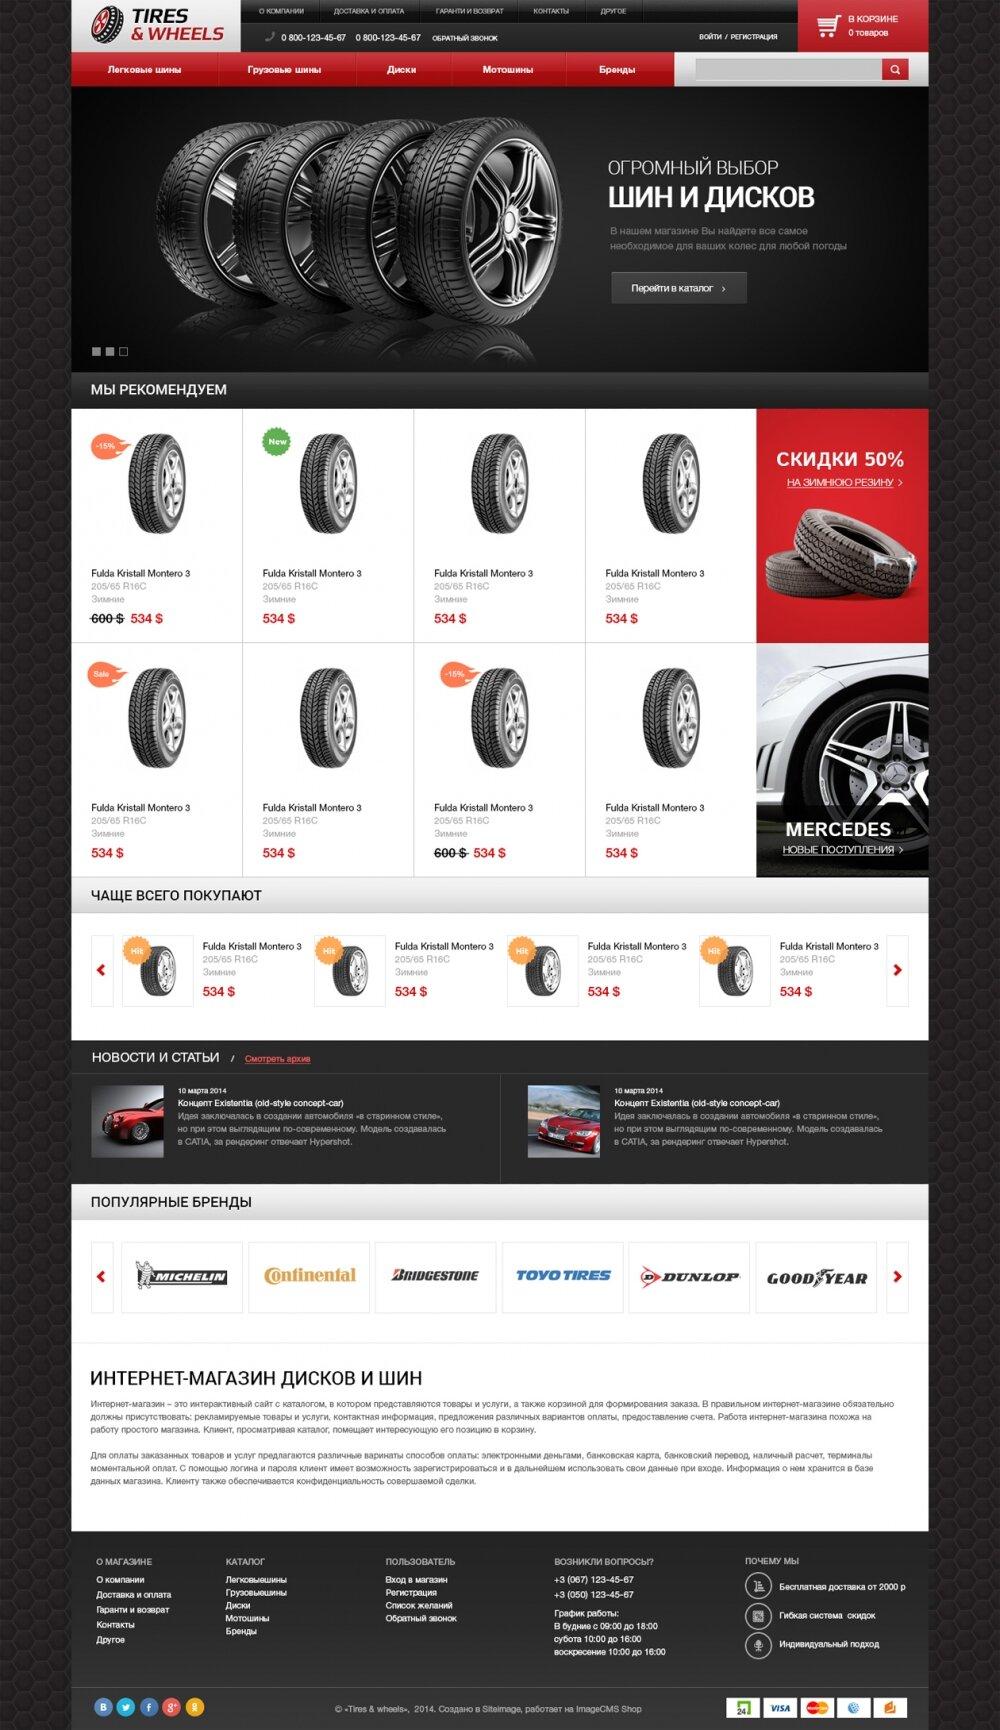 Безкоштовний шаблон інтернет-магазину Tires&Wheels Автомобили - 1 Small